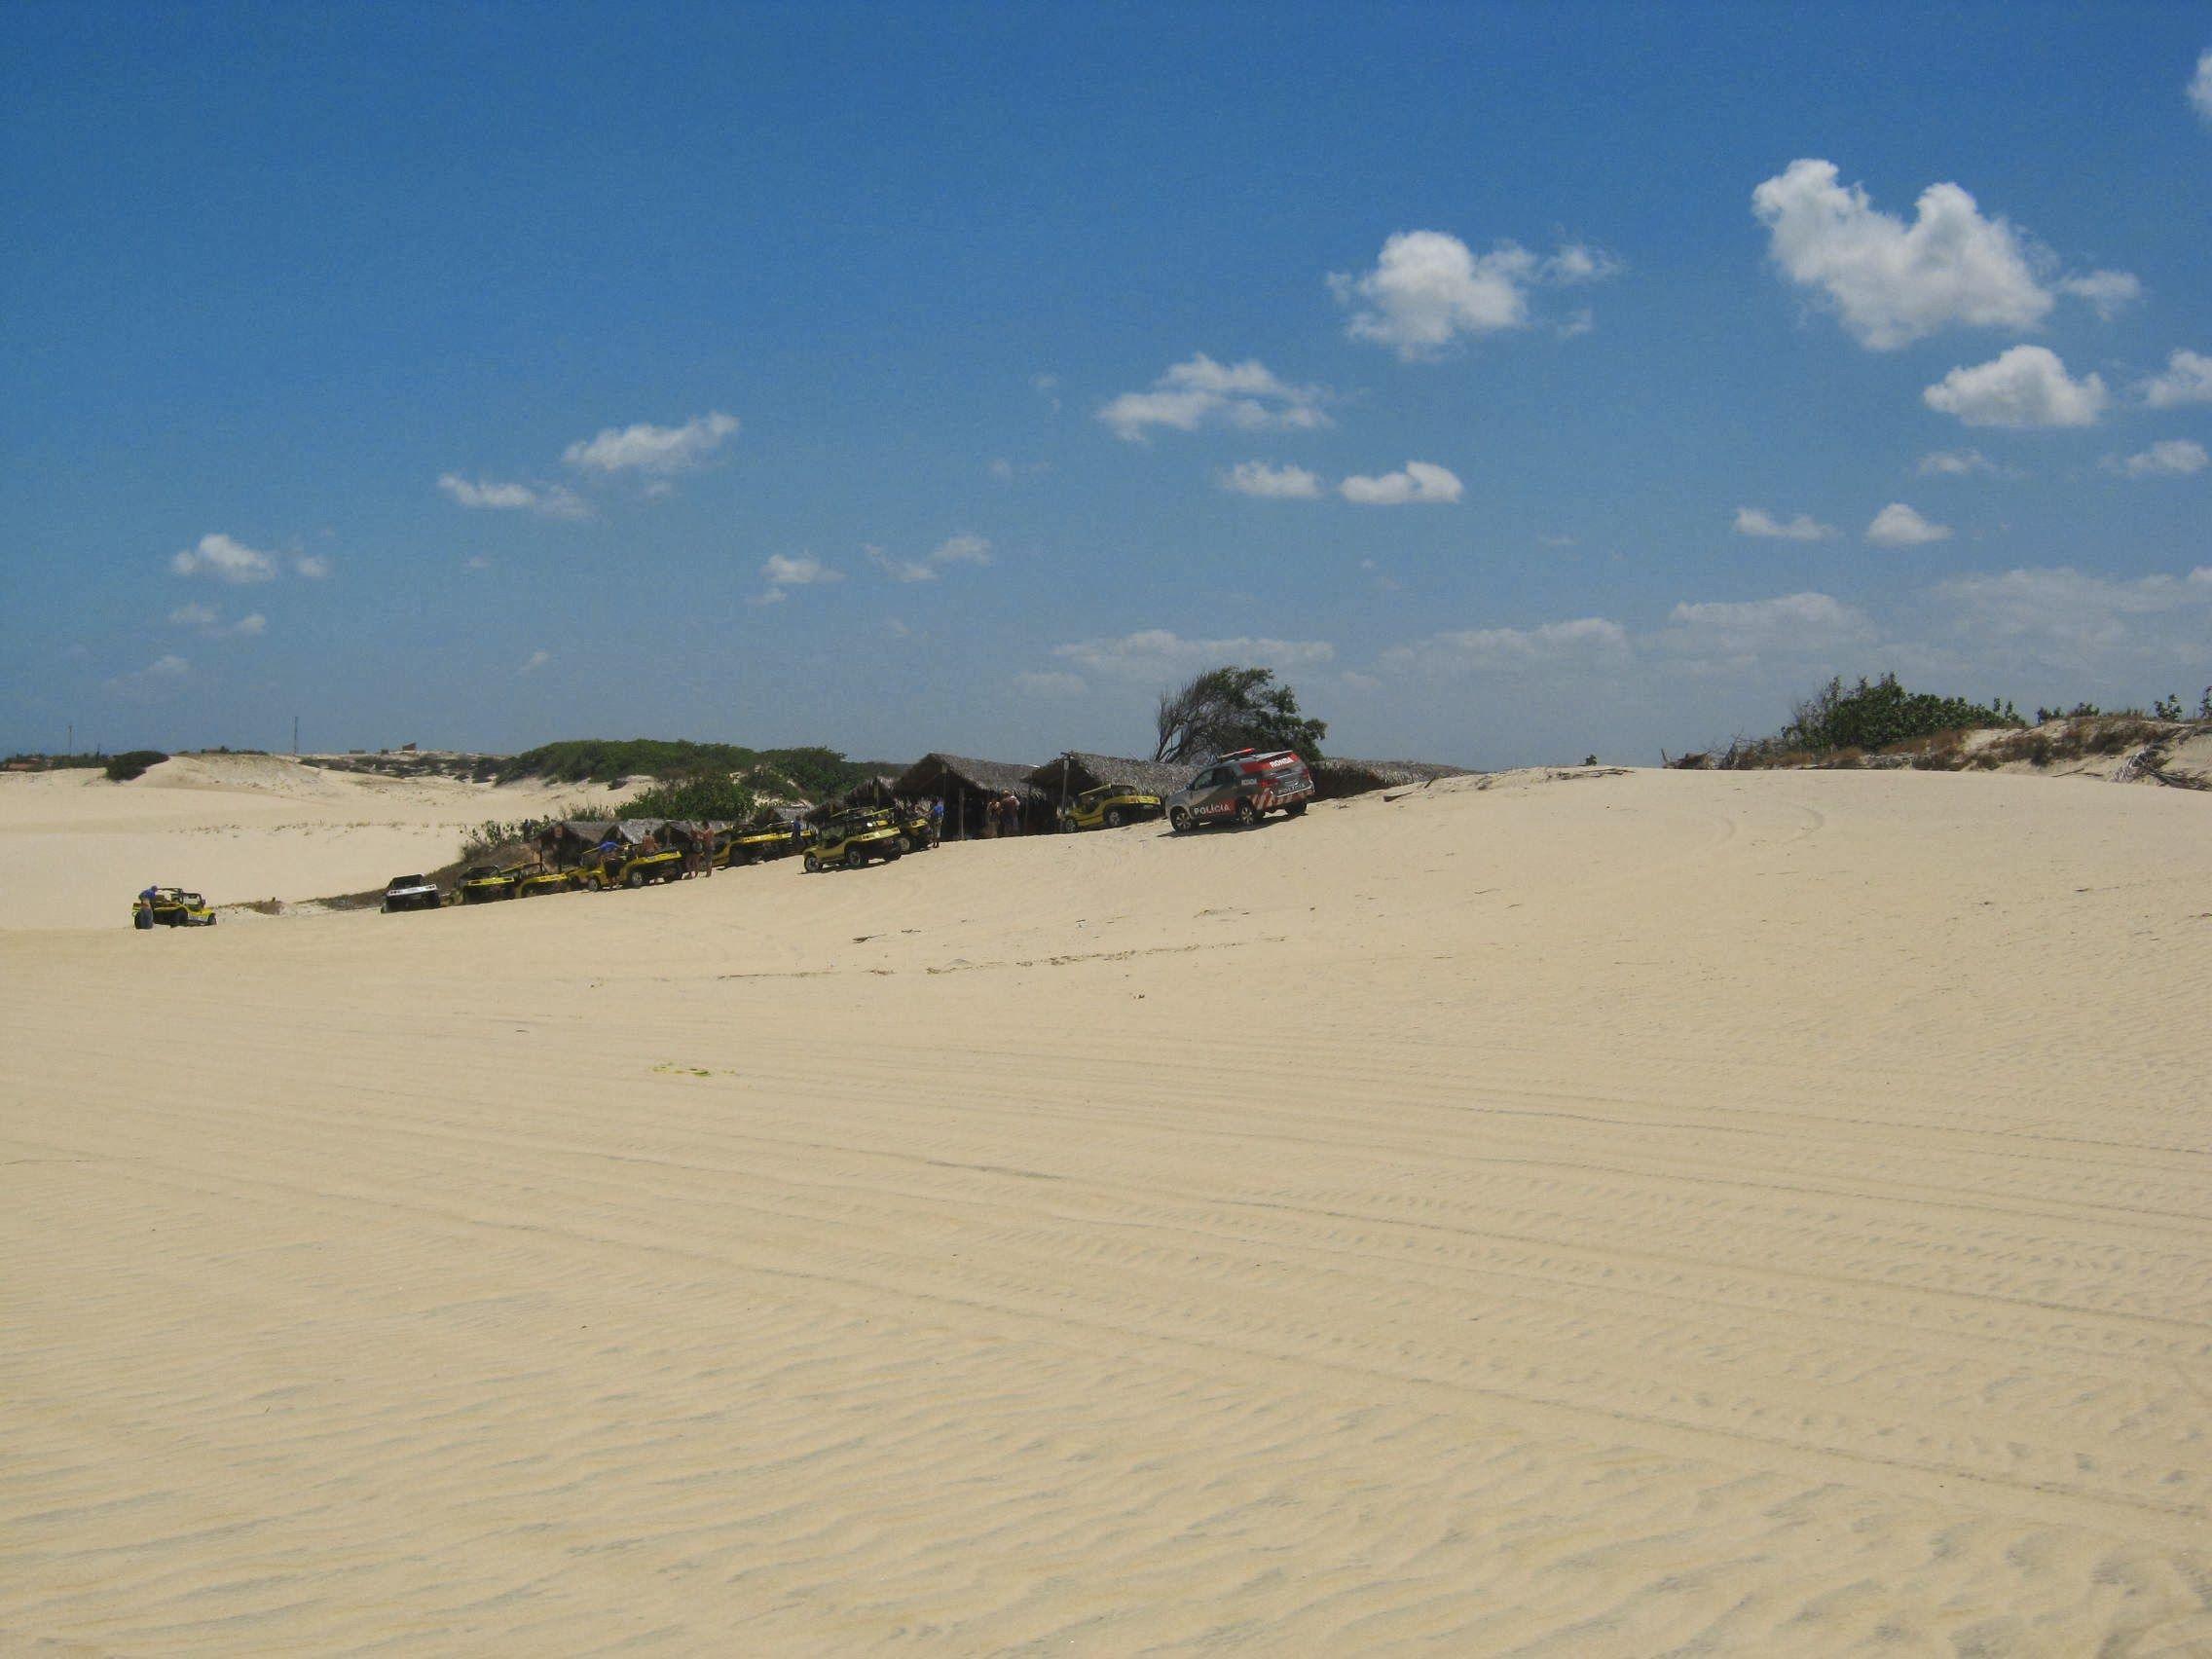 Vista do ponto de encontro dos bugueiros em Cumbuco.